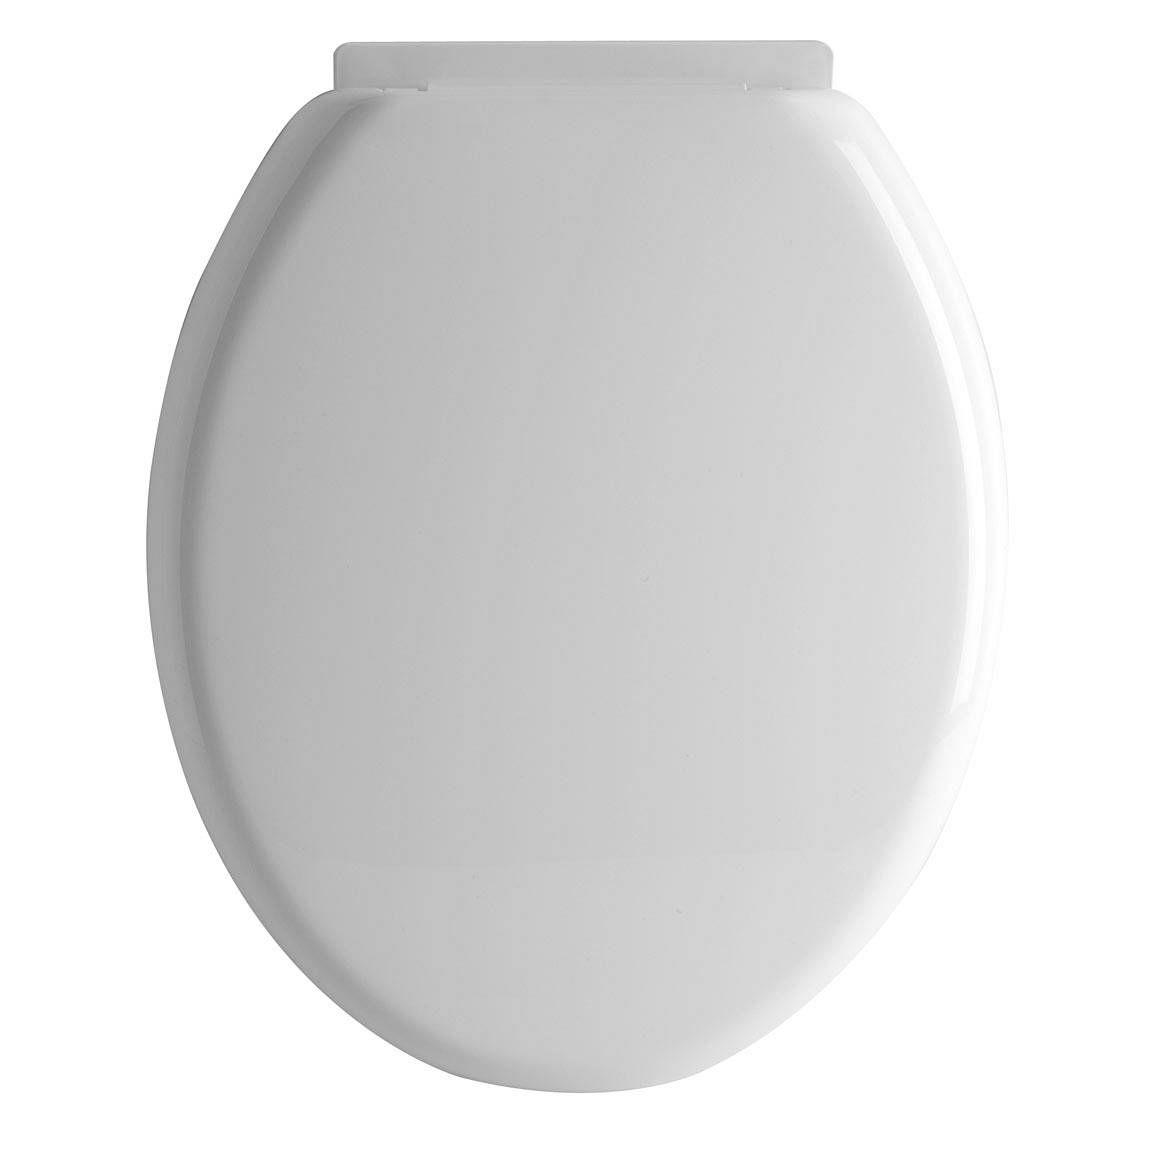 Toilet seat to entourage. Bathroom clipart top view